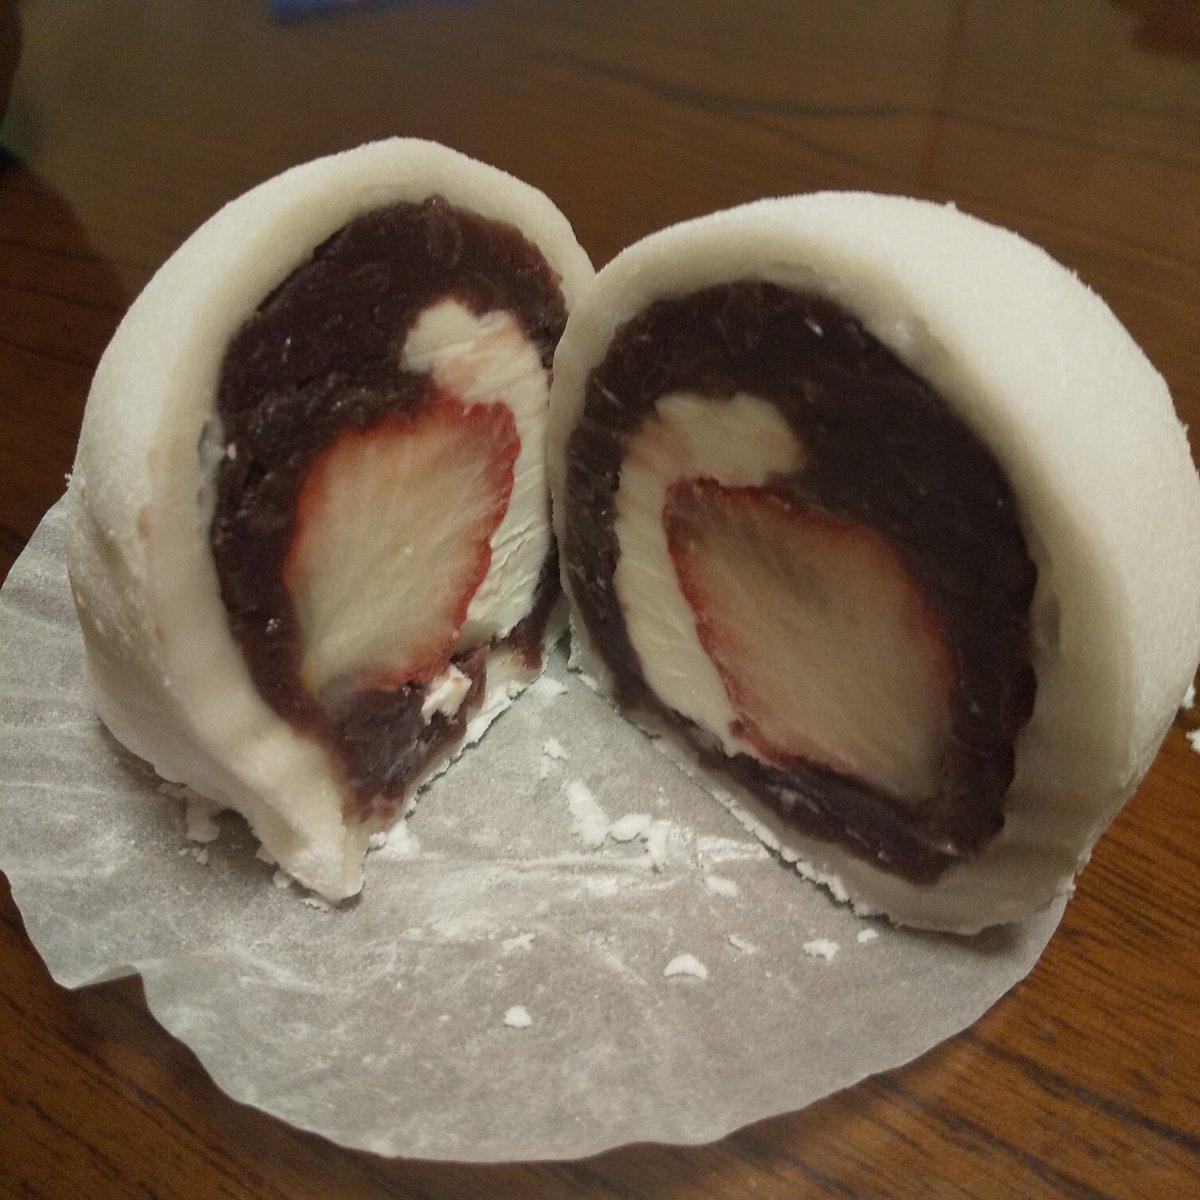 test ツイッターメディア - 九州にお住まいの方はご存知かも知れない「なんじゃこら大福」 中に苺と栗とクリームチーズが入ってるんだけど、欲張って丸々1個食べると後悔するほどでかい💨 半分で十分満足な美味しさですよ 宮崎に行かれた際はぜひぜひ😊 https://t.co/nkbiiFDtXo